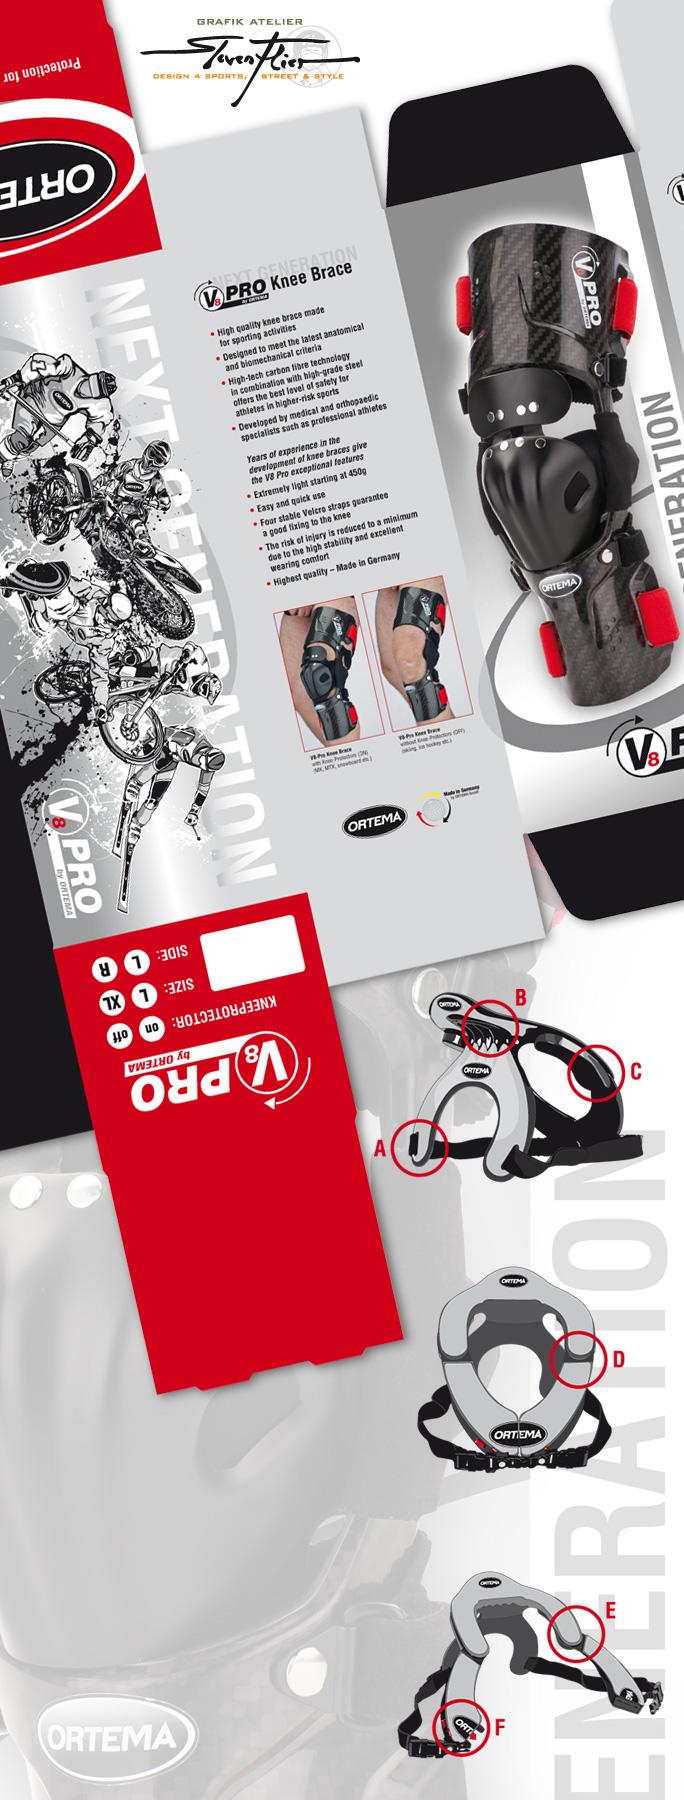 ORTEMA, V8, ONB, Neck Brace, Knie Orthese, Knee Brace, Verpackung, Package, Design, Illustration, Steven Flier